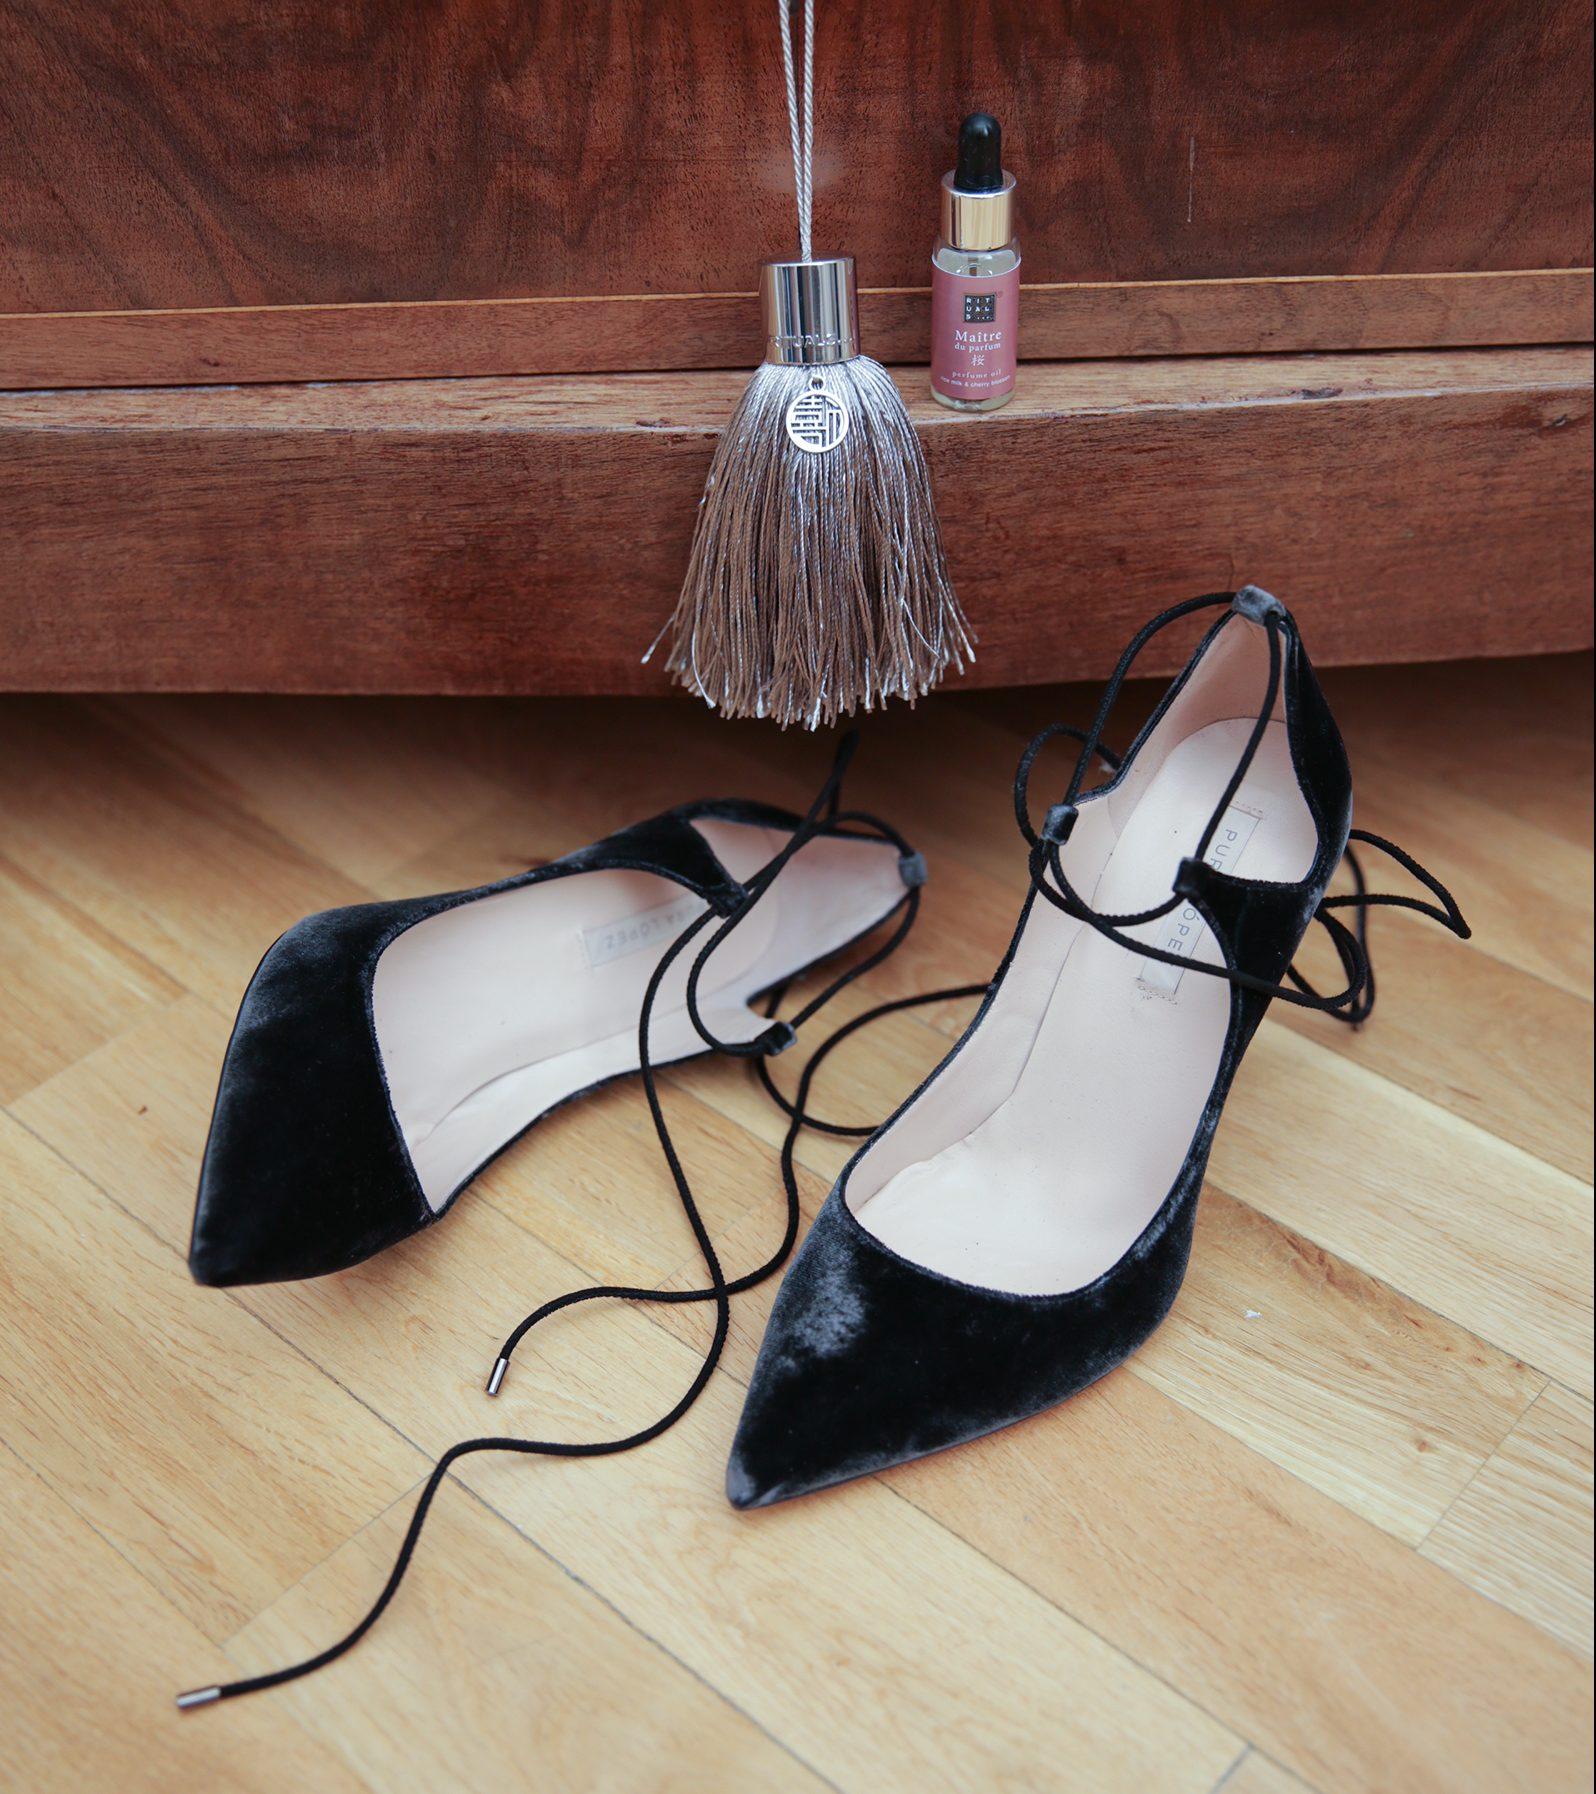 velvet_shoes_puralopez_ladyaddict